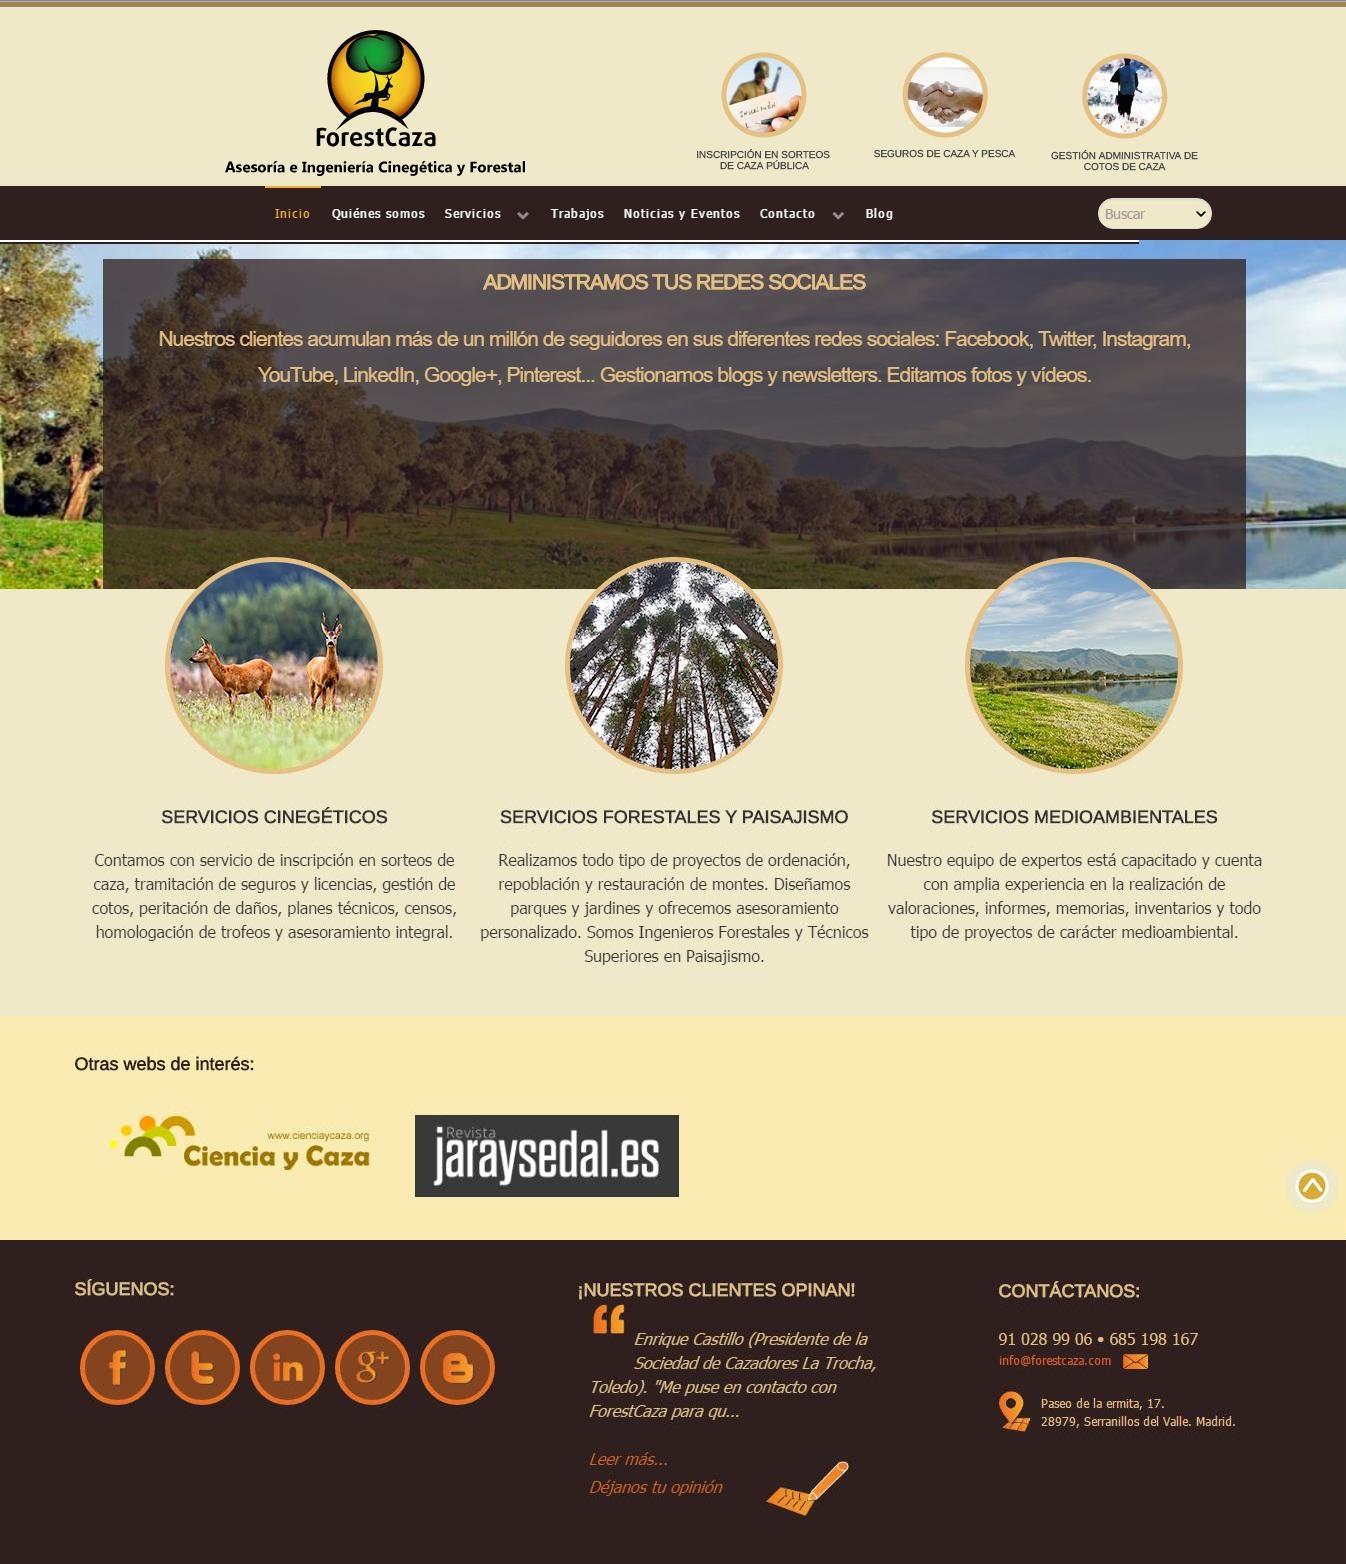 La empresa de gestión cinegética y forestal ForestCaza estrena nueva web